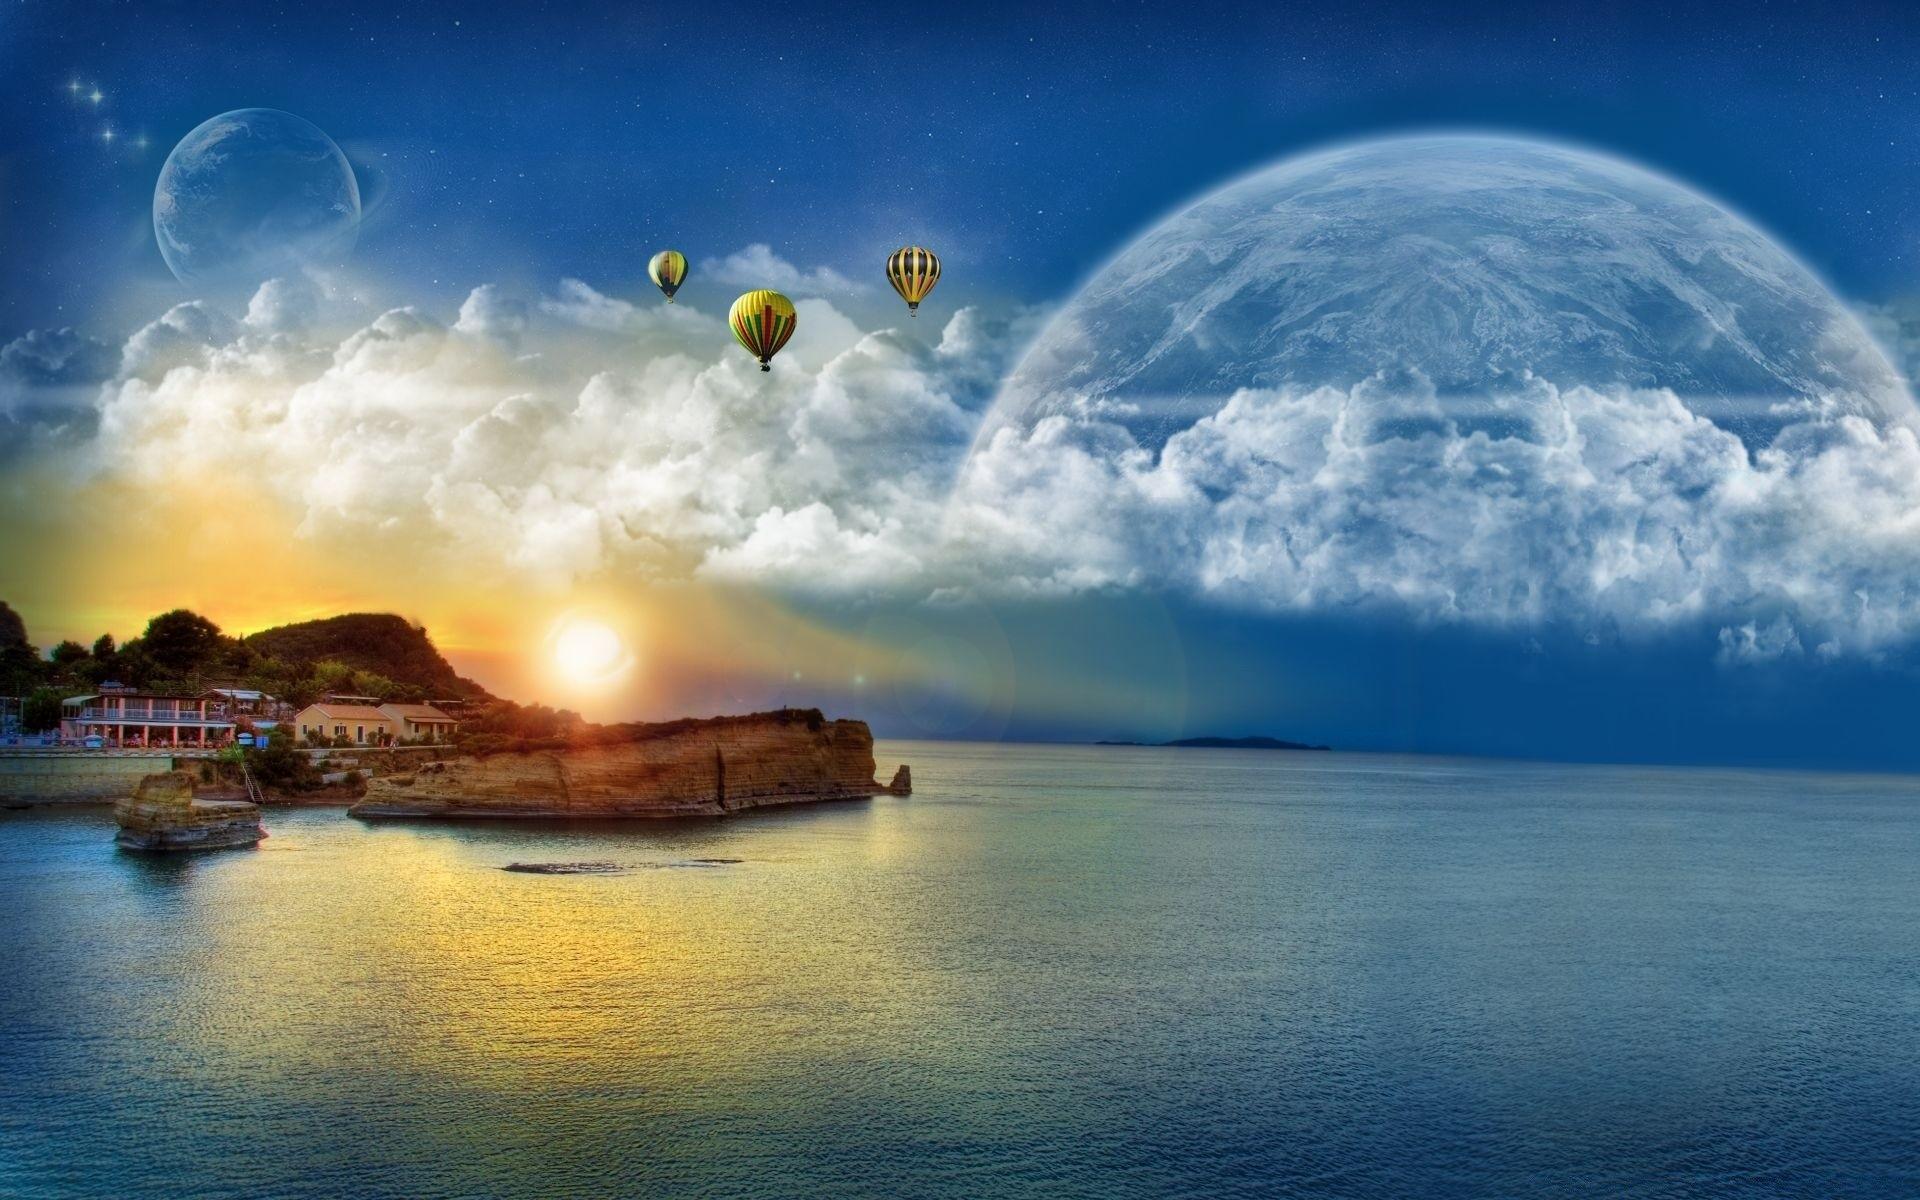 Мечты сбываются картинка обои